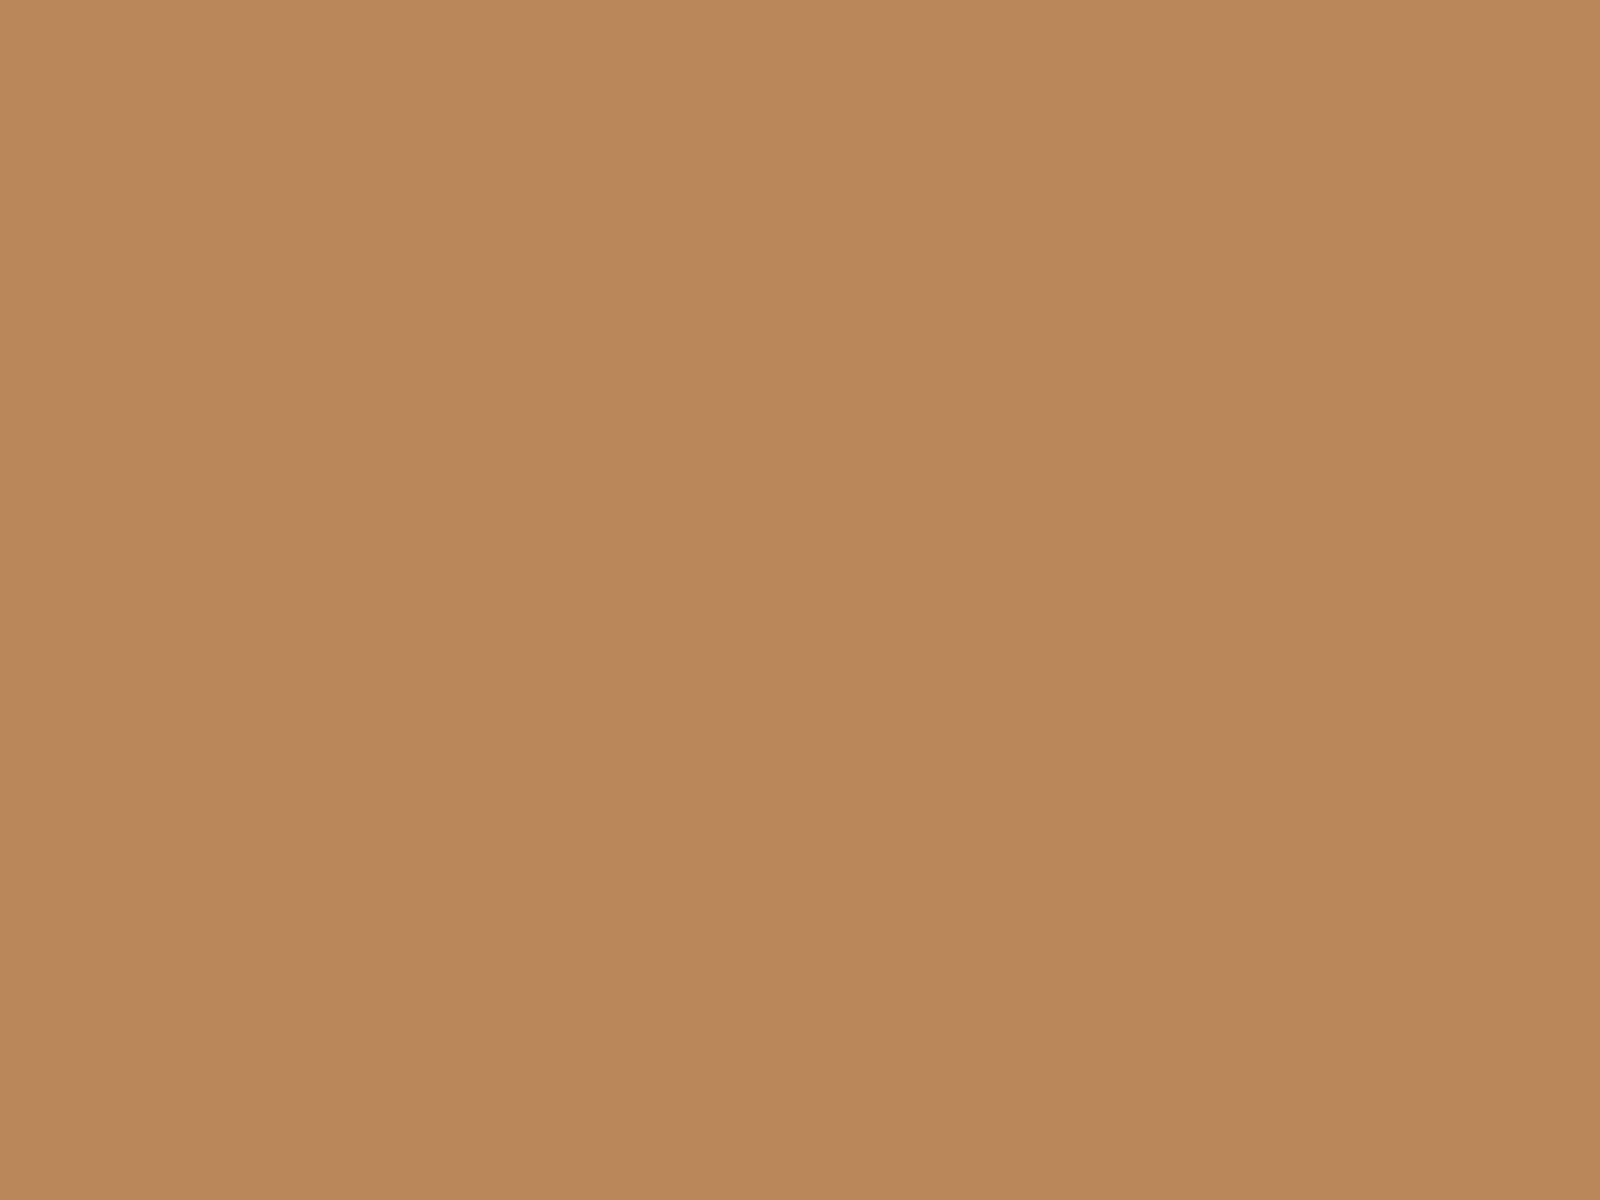 1600x1200 Deer Solid Color Background